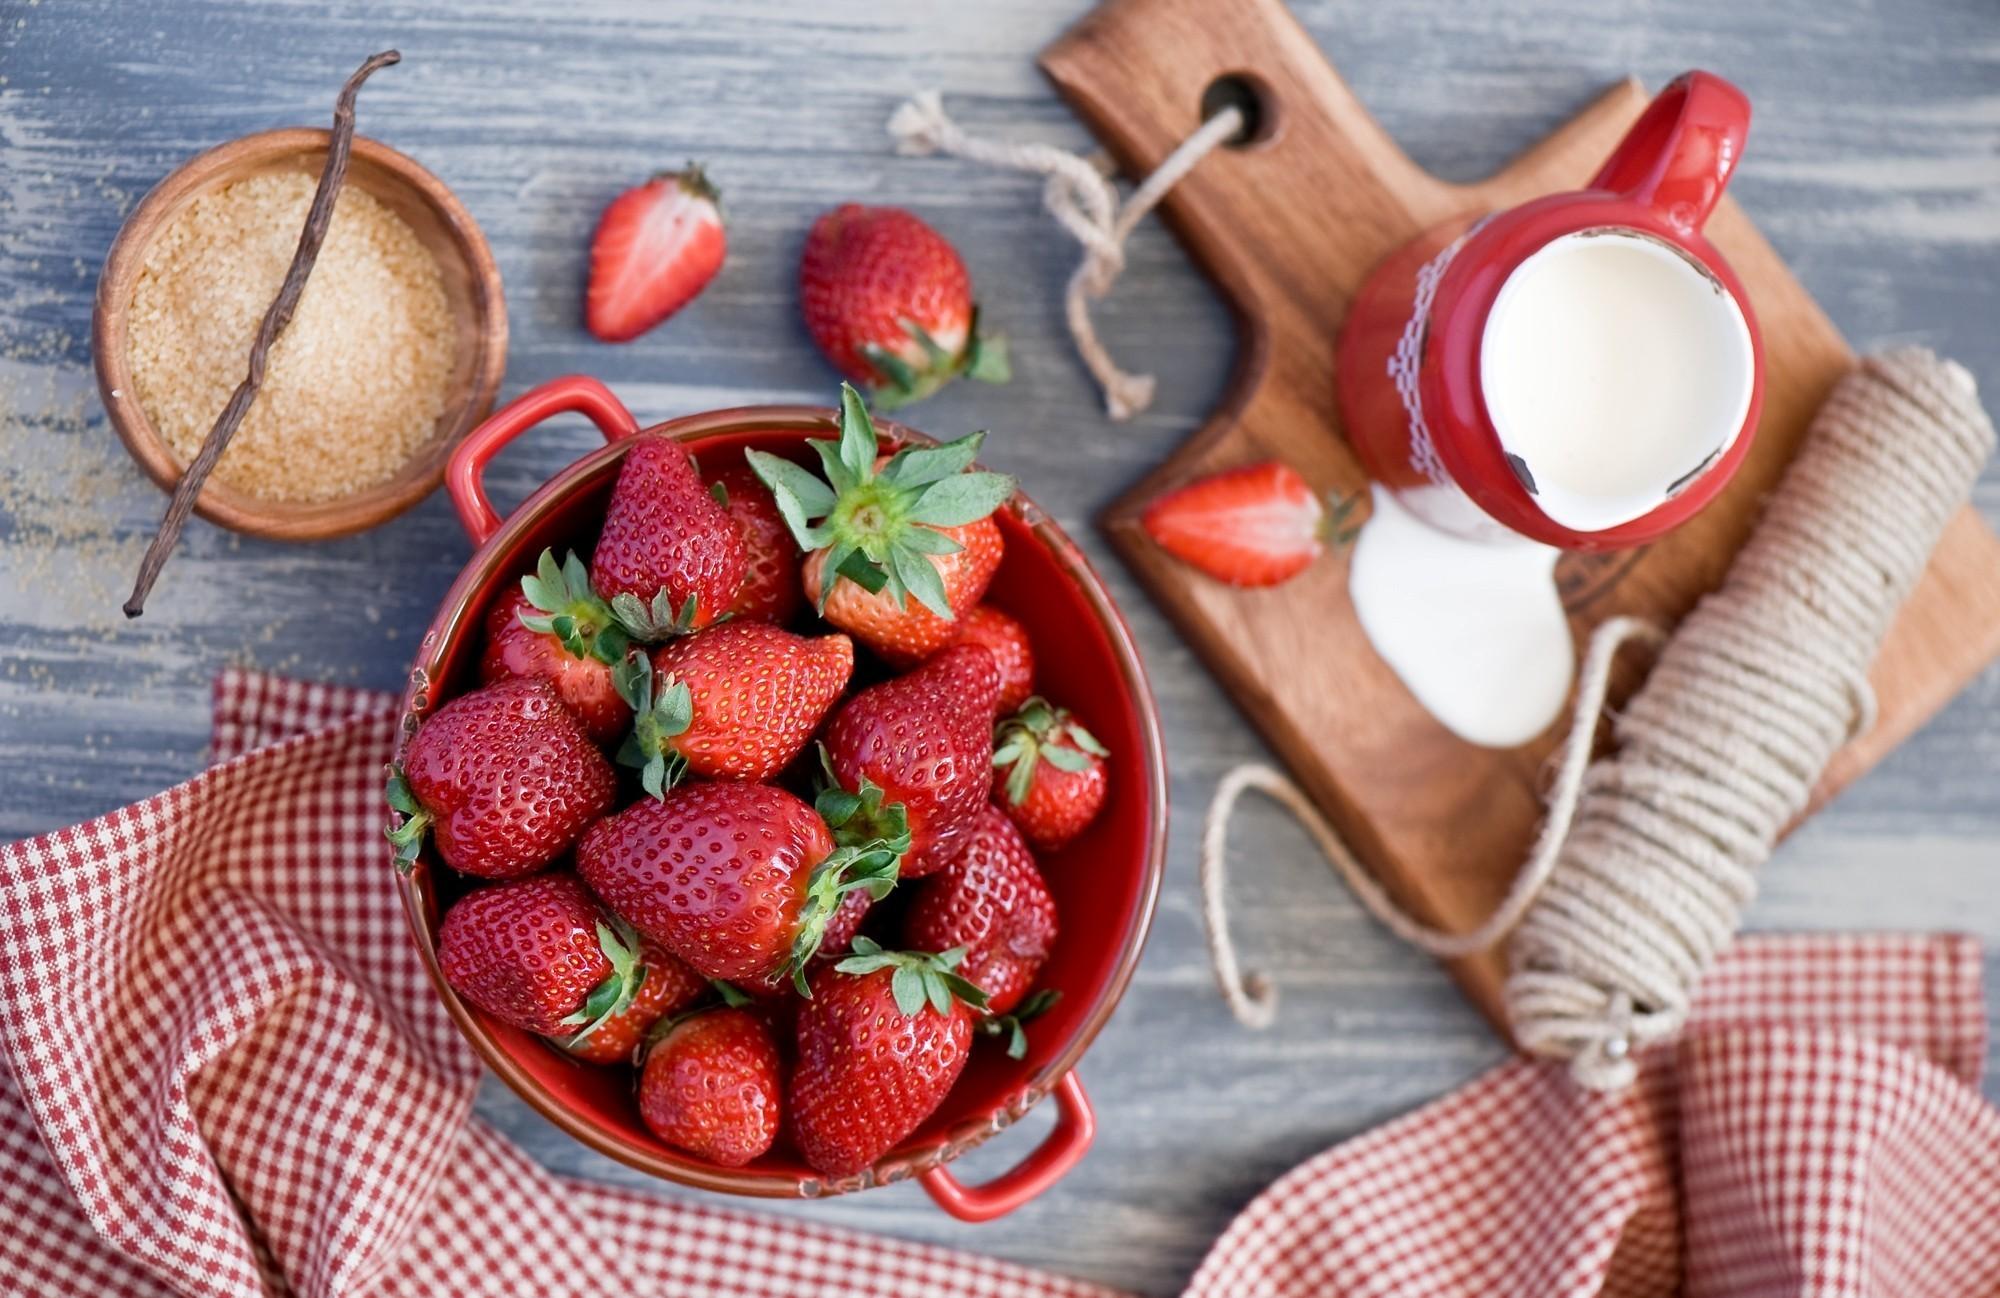 как фотографировать ягоды инвока это запомнить